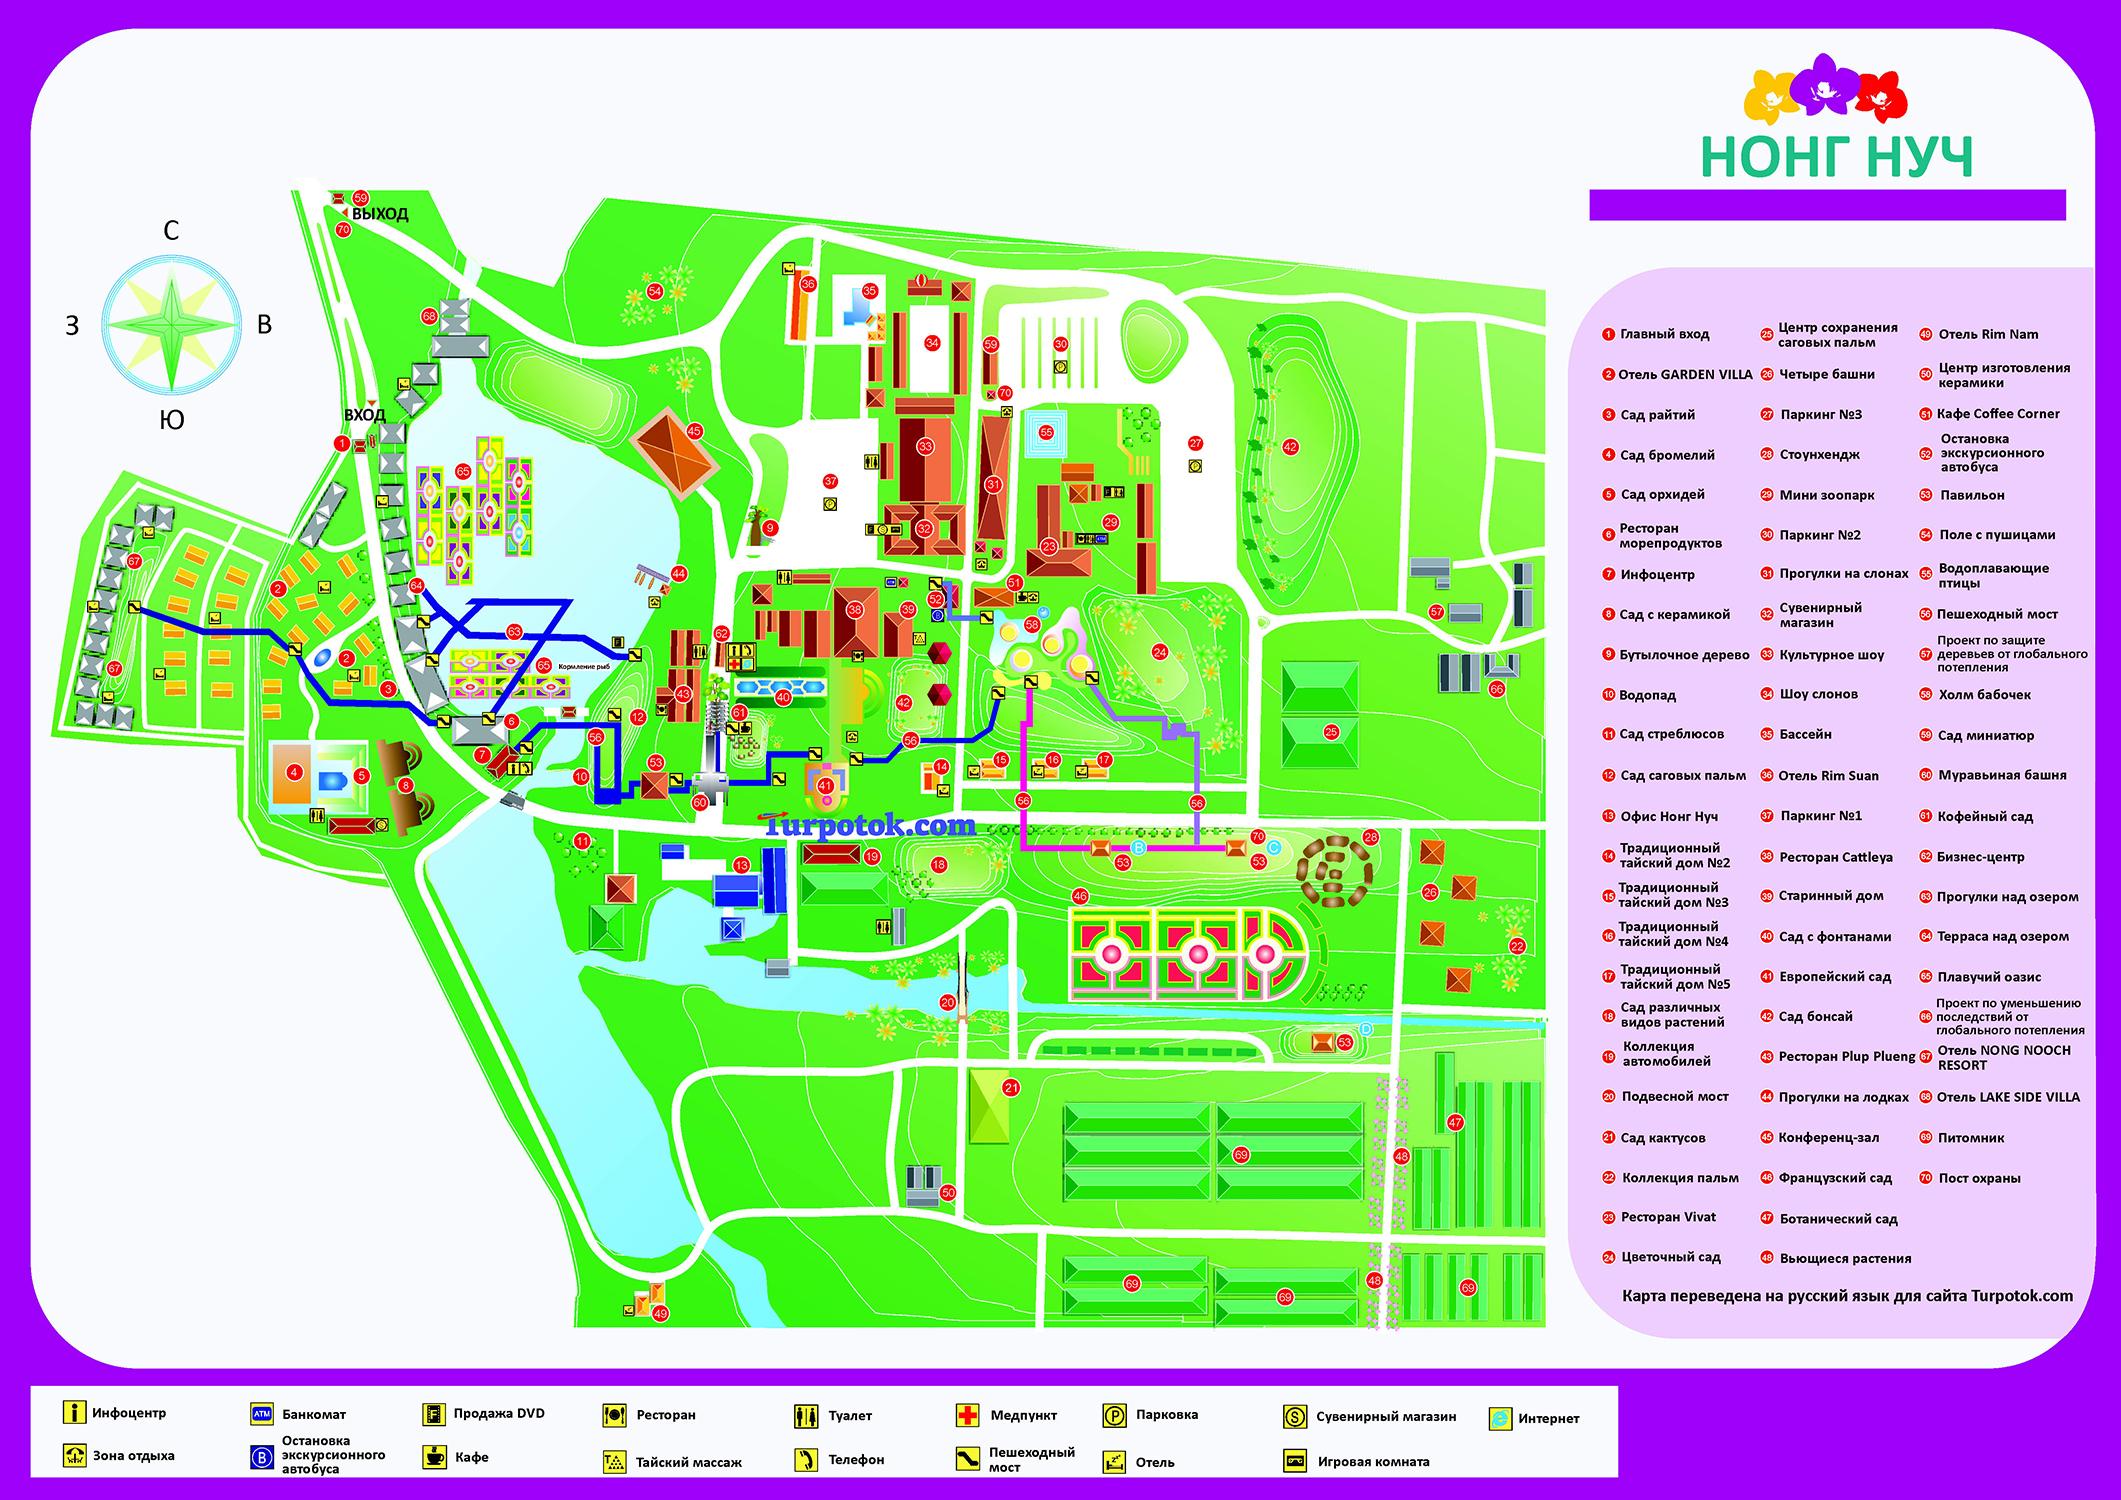 Карта сада Нонг Нуч (Паттайя) на русском языке